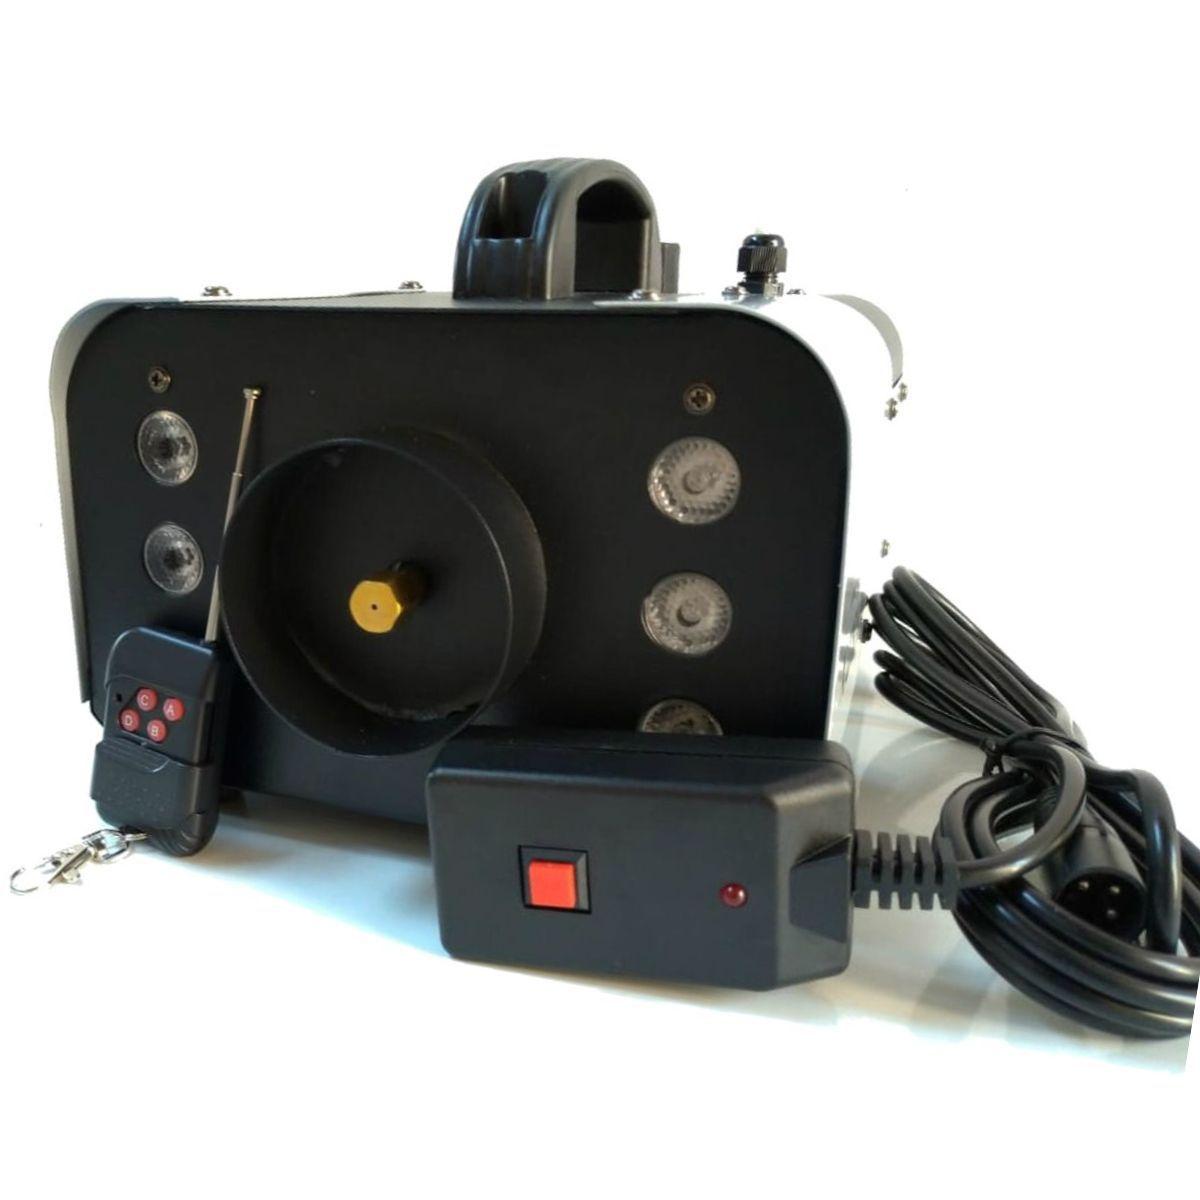 Máquina de Fumaça 1200W Efeito Led 6 RGB Controle Remoto - XH-1200W - KIT FULLFILMENT